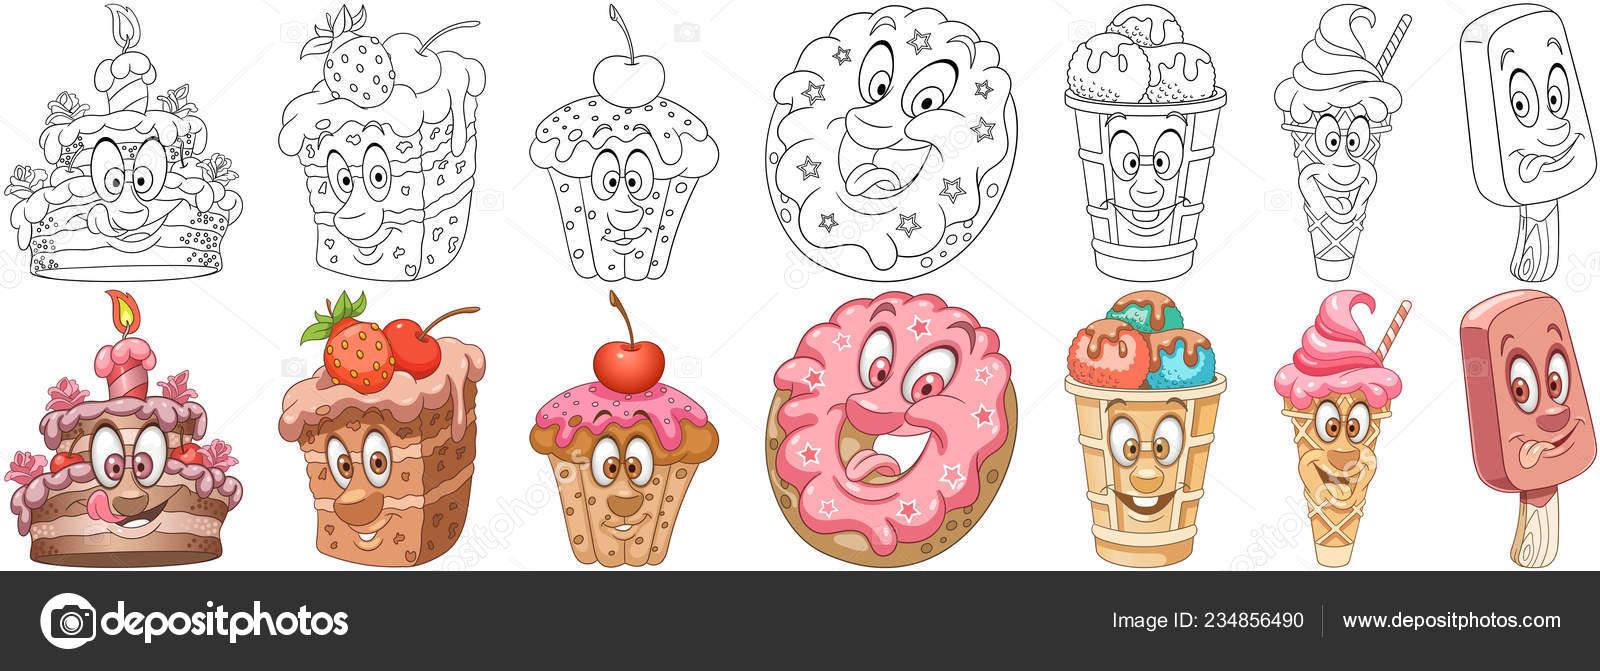 imagenes de alimentos dulces para colorear